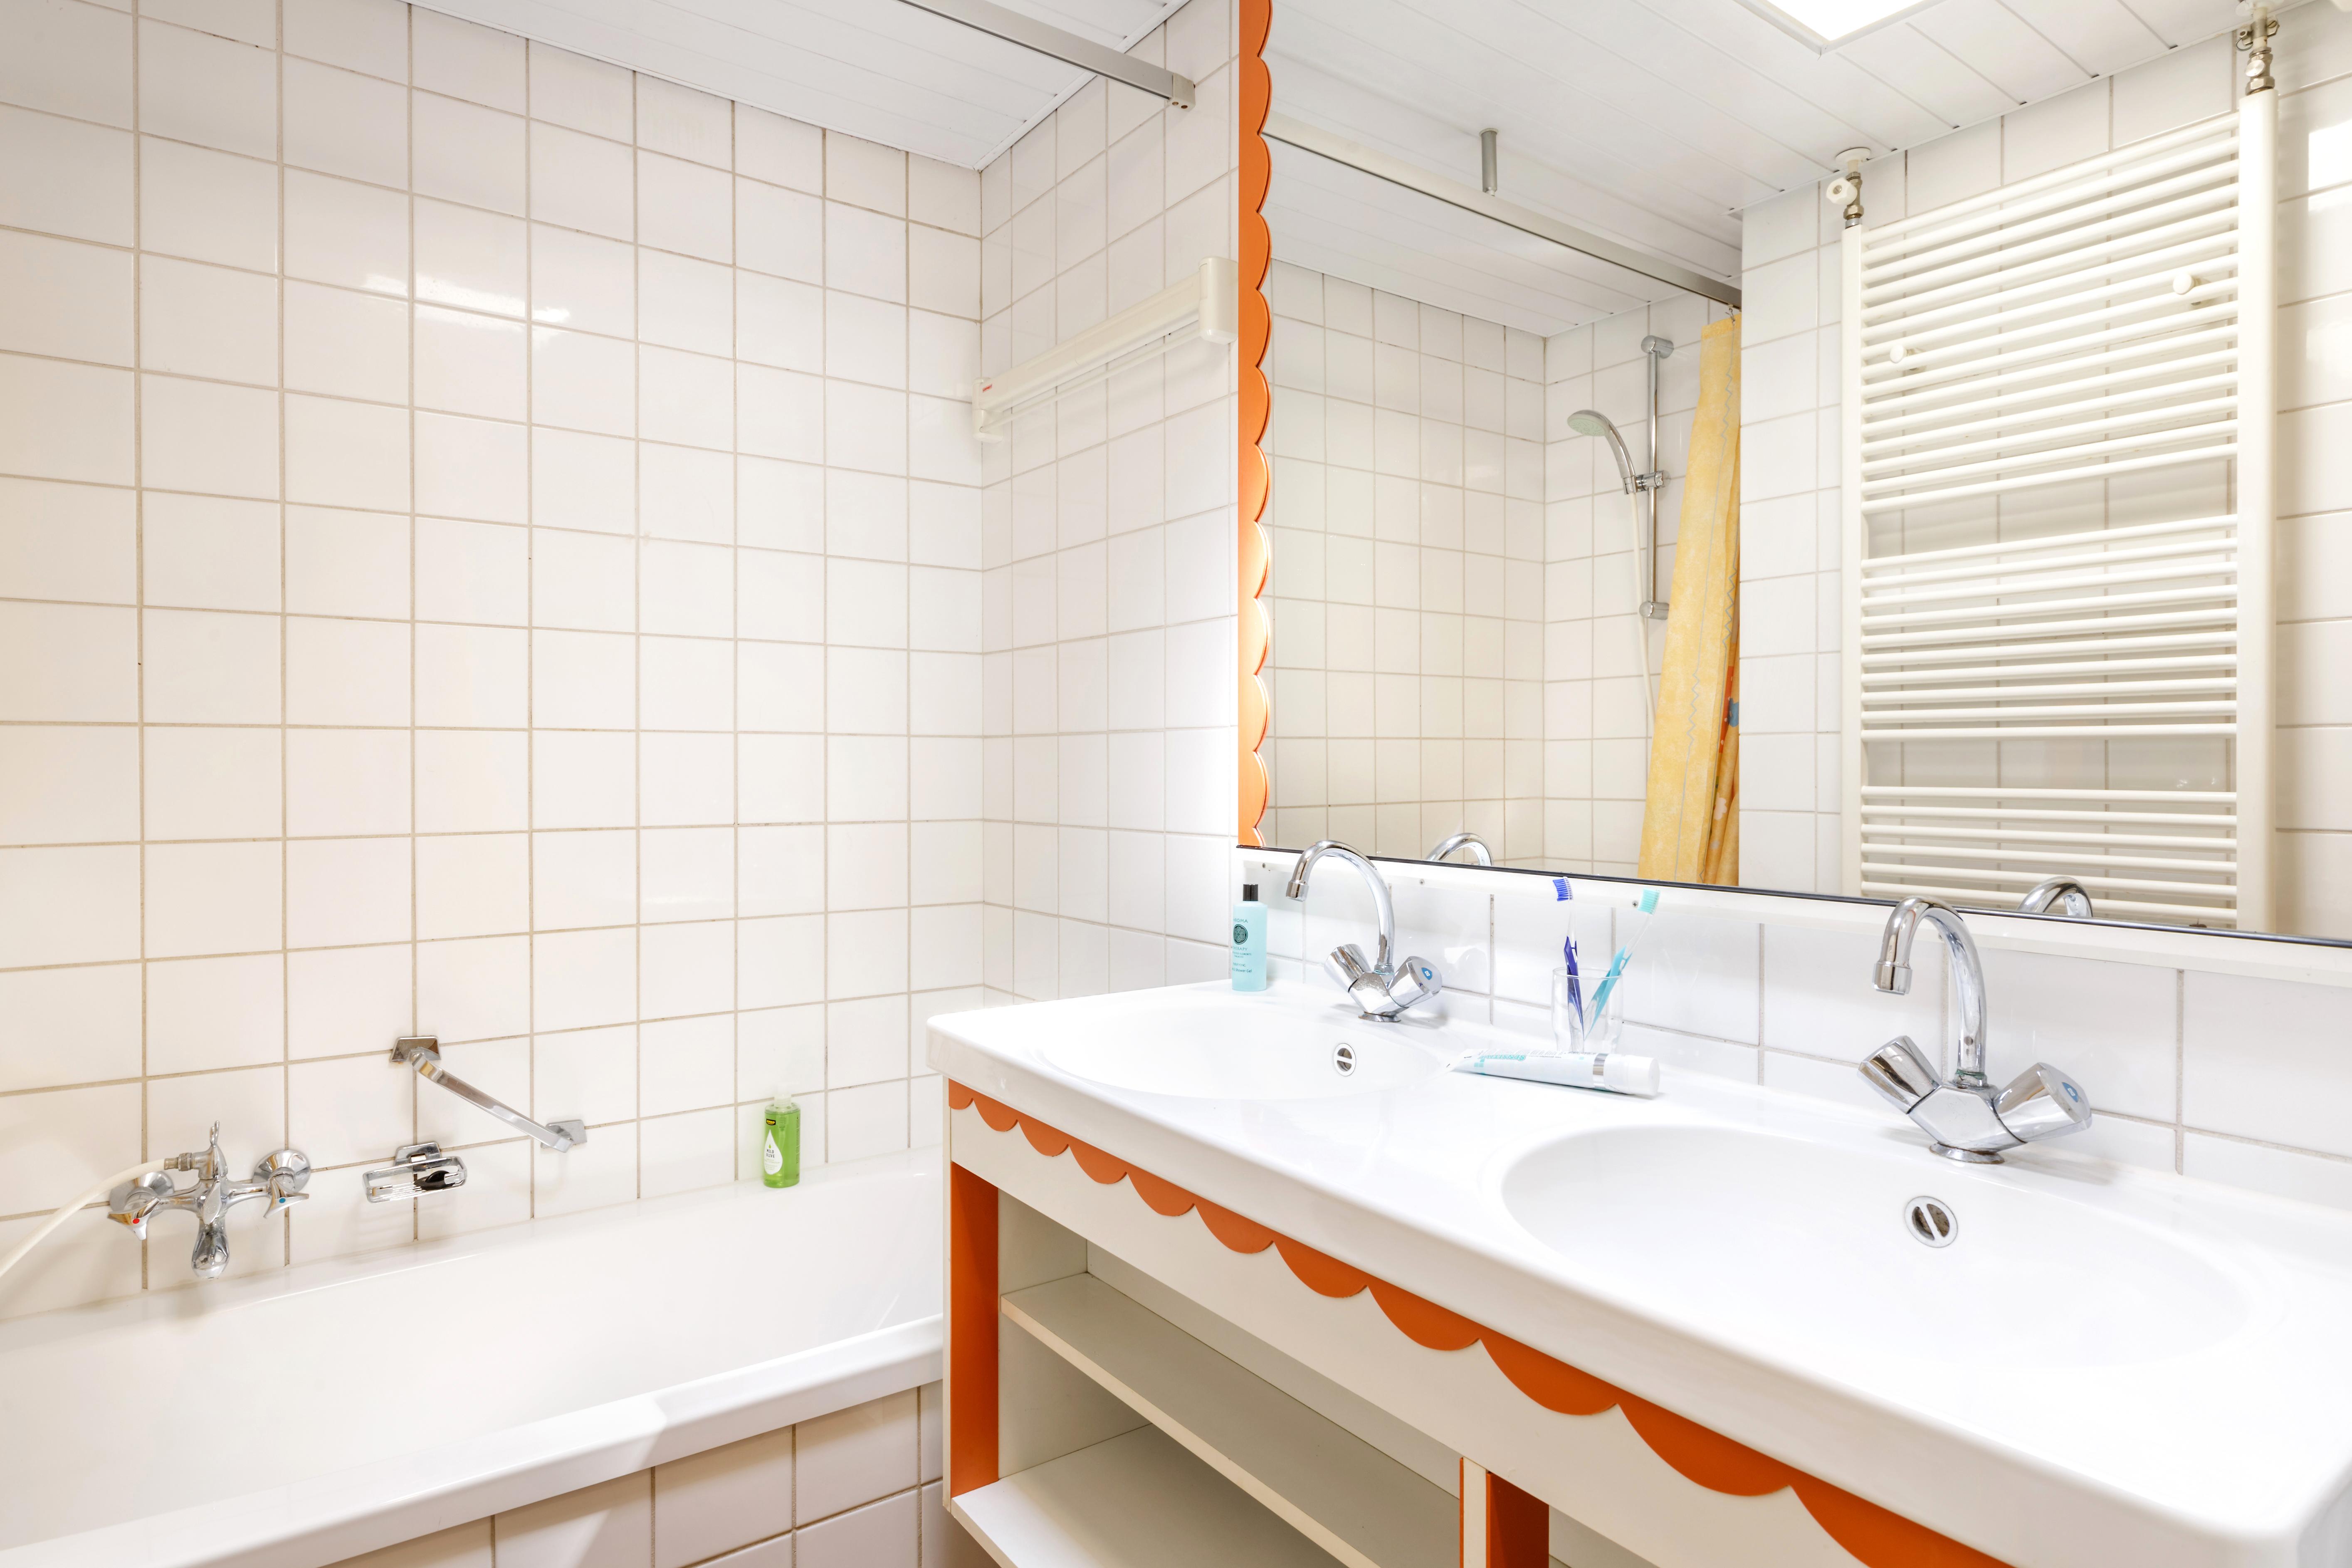 Ferienhaus Center Parcs  De Huttenheugte - cottage 5 persons Comfort (2639180), Dalen (NL), , Drenthe, Niederlande, Bild 4